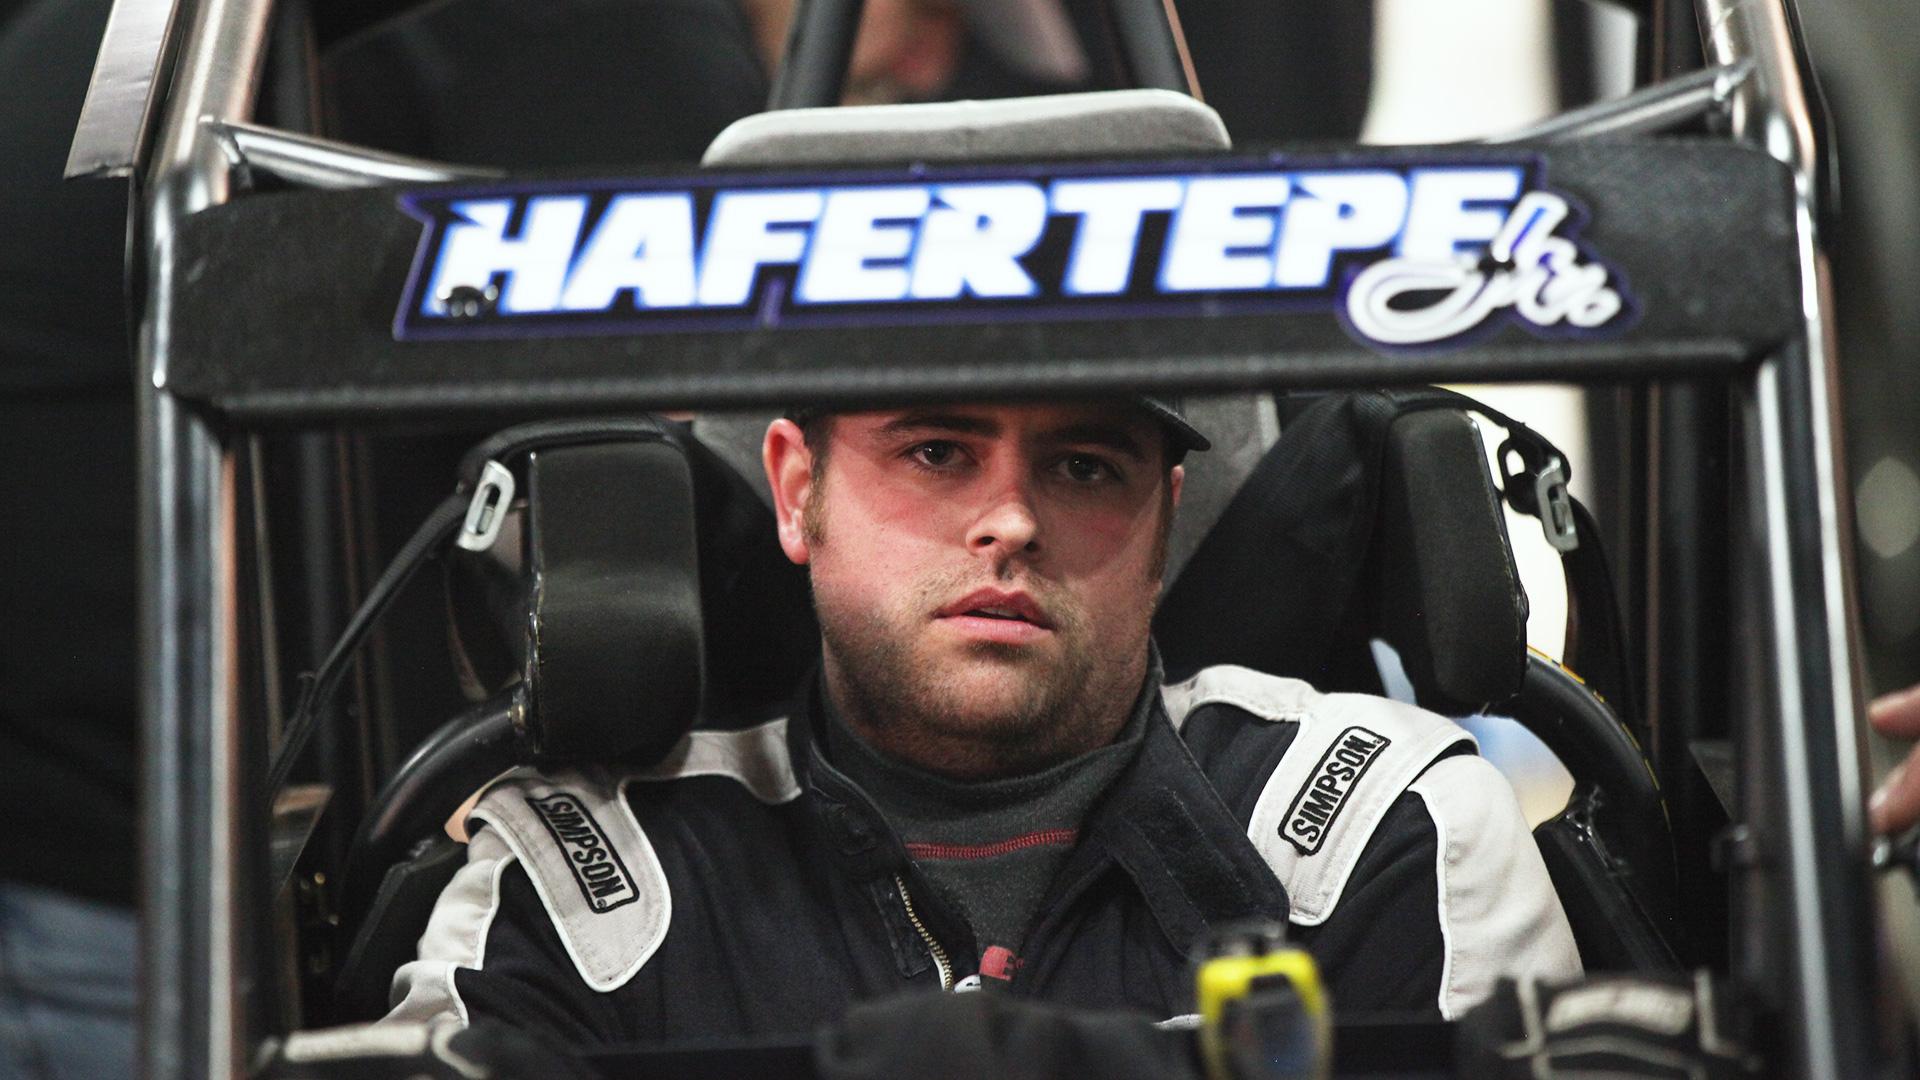 Sam Hafertepe Jr